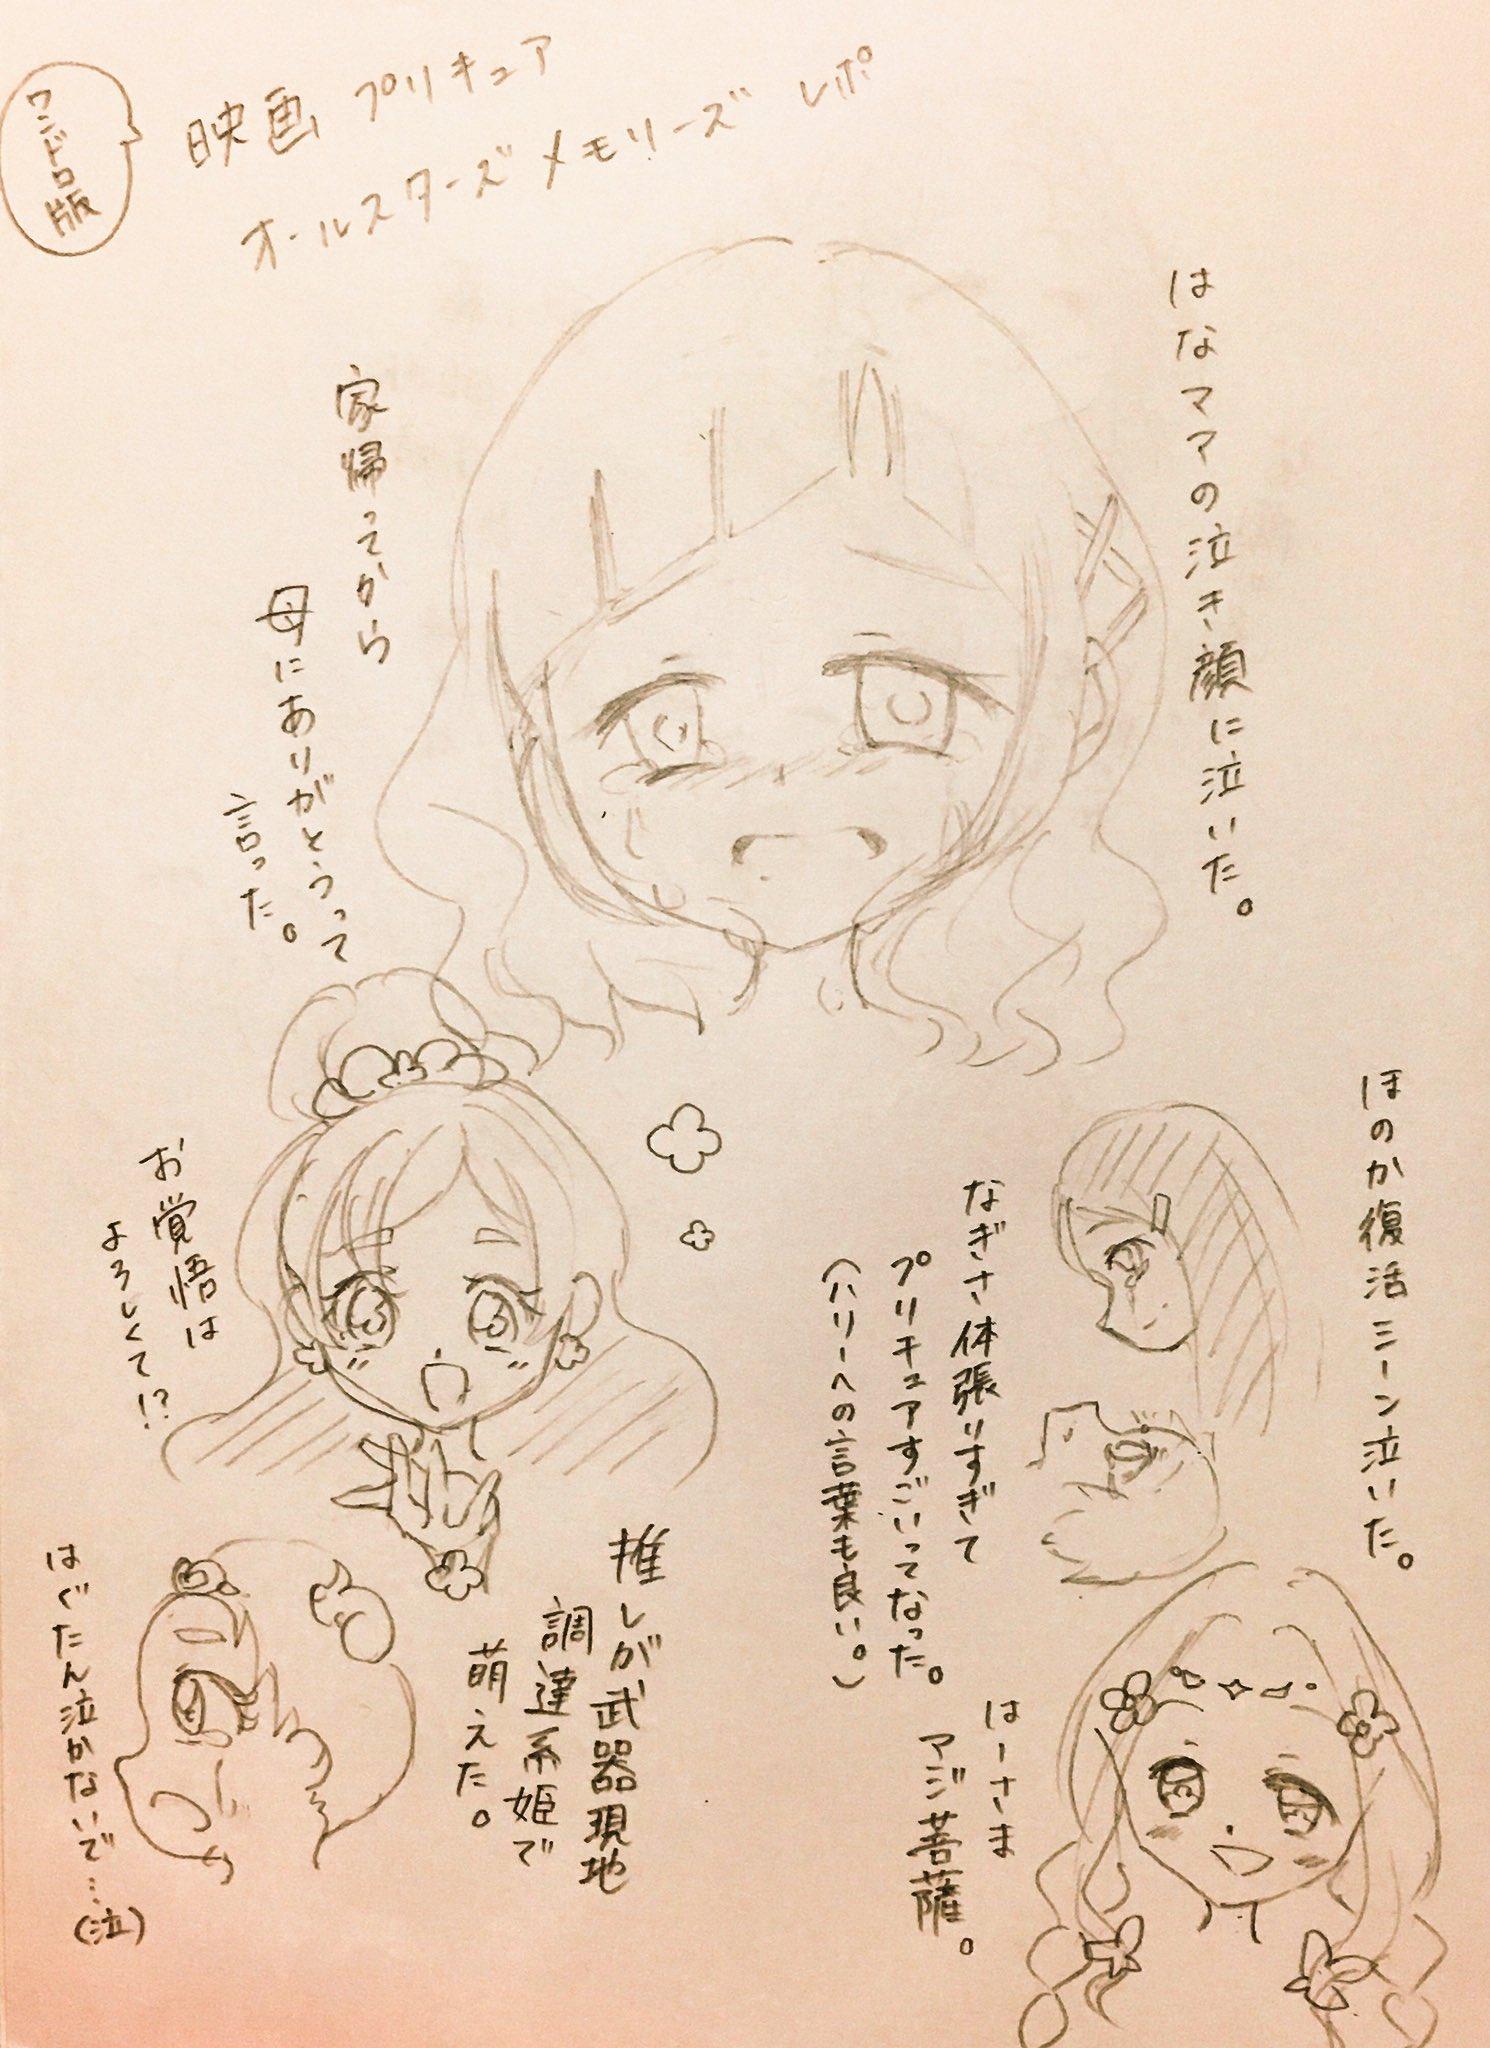 白露 彩風 (@Hakuro_sayaka)さんのイラスト